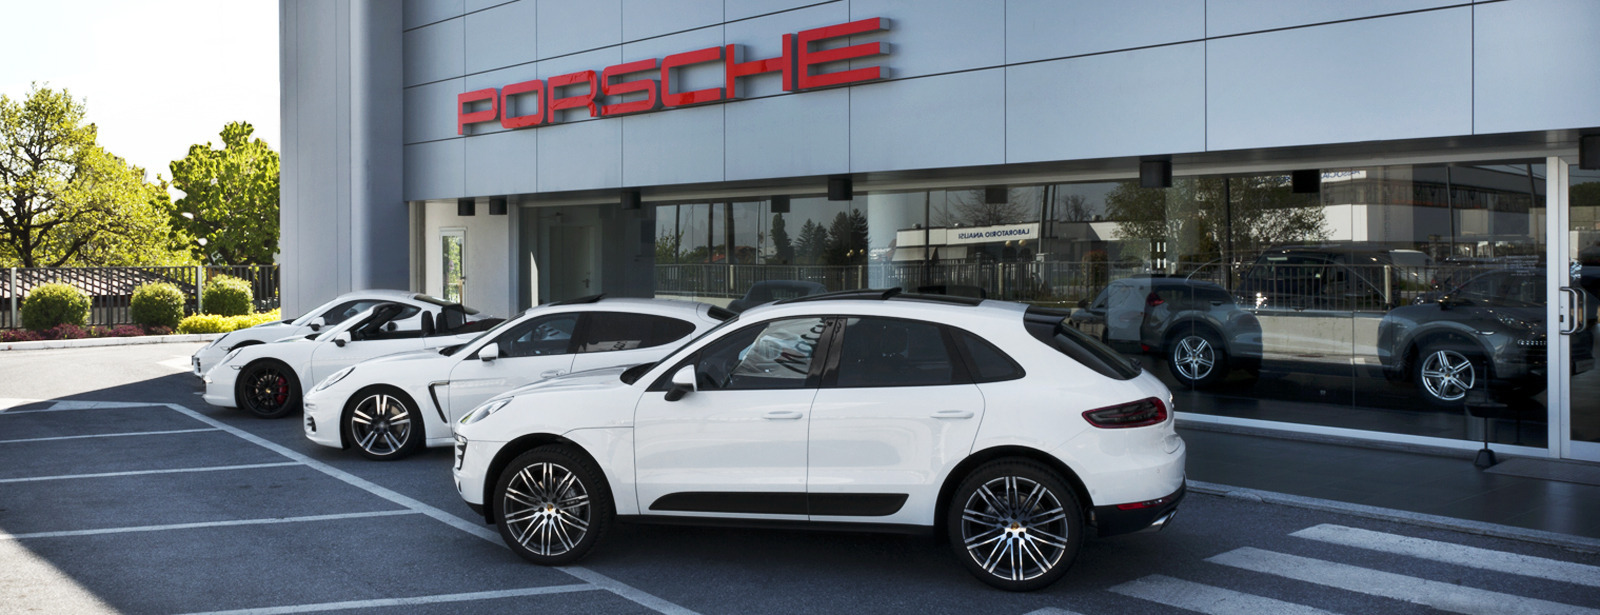 Centro Porsche Cuneo